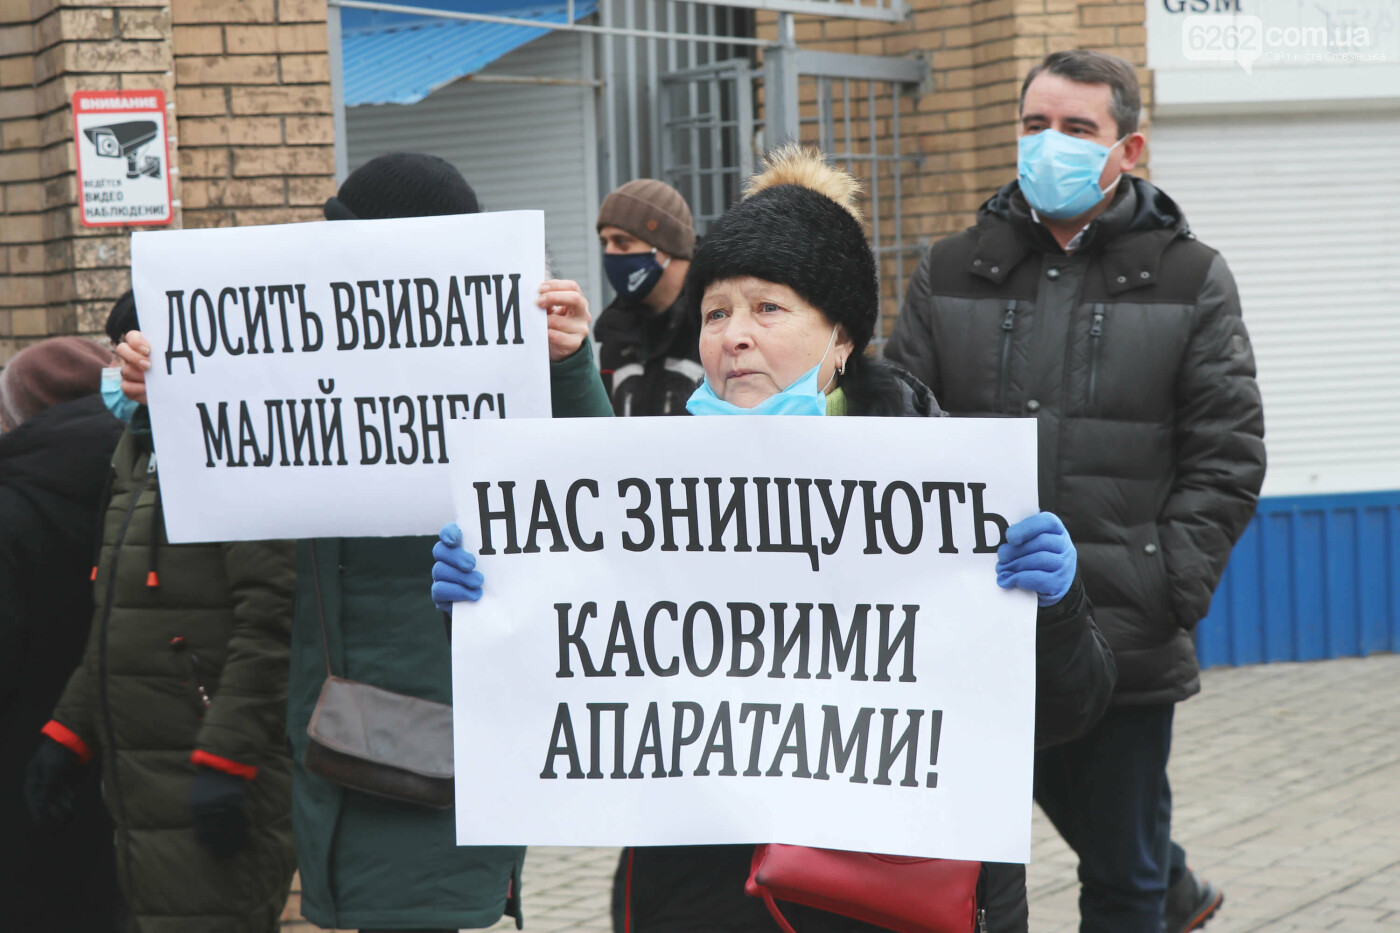 Save ФОП: у Слов'янську підприємці вийшли на мітинг - ФОТО, фото-2